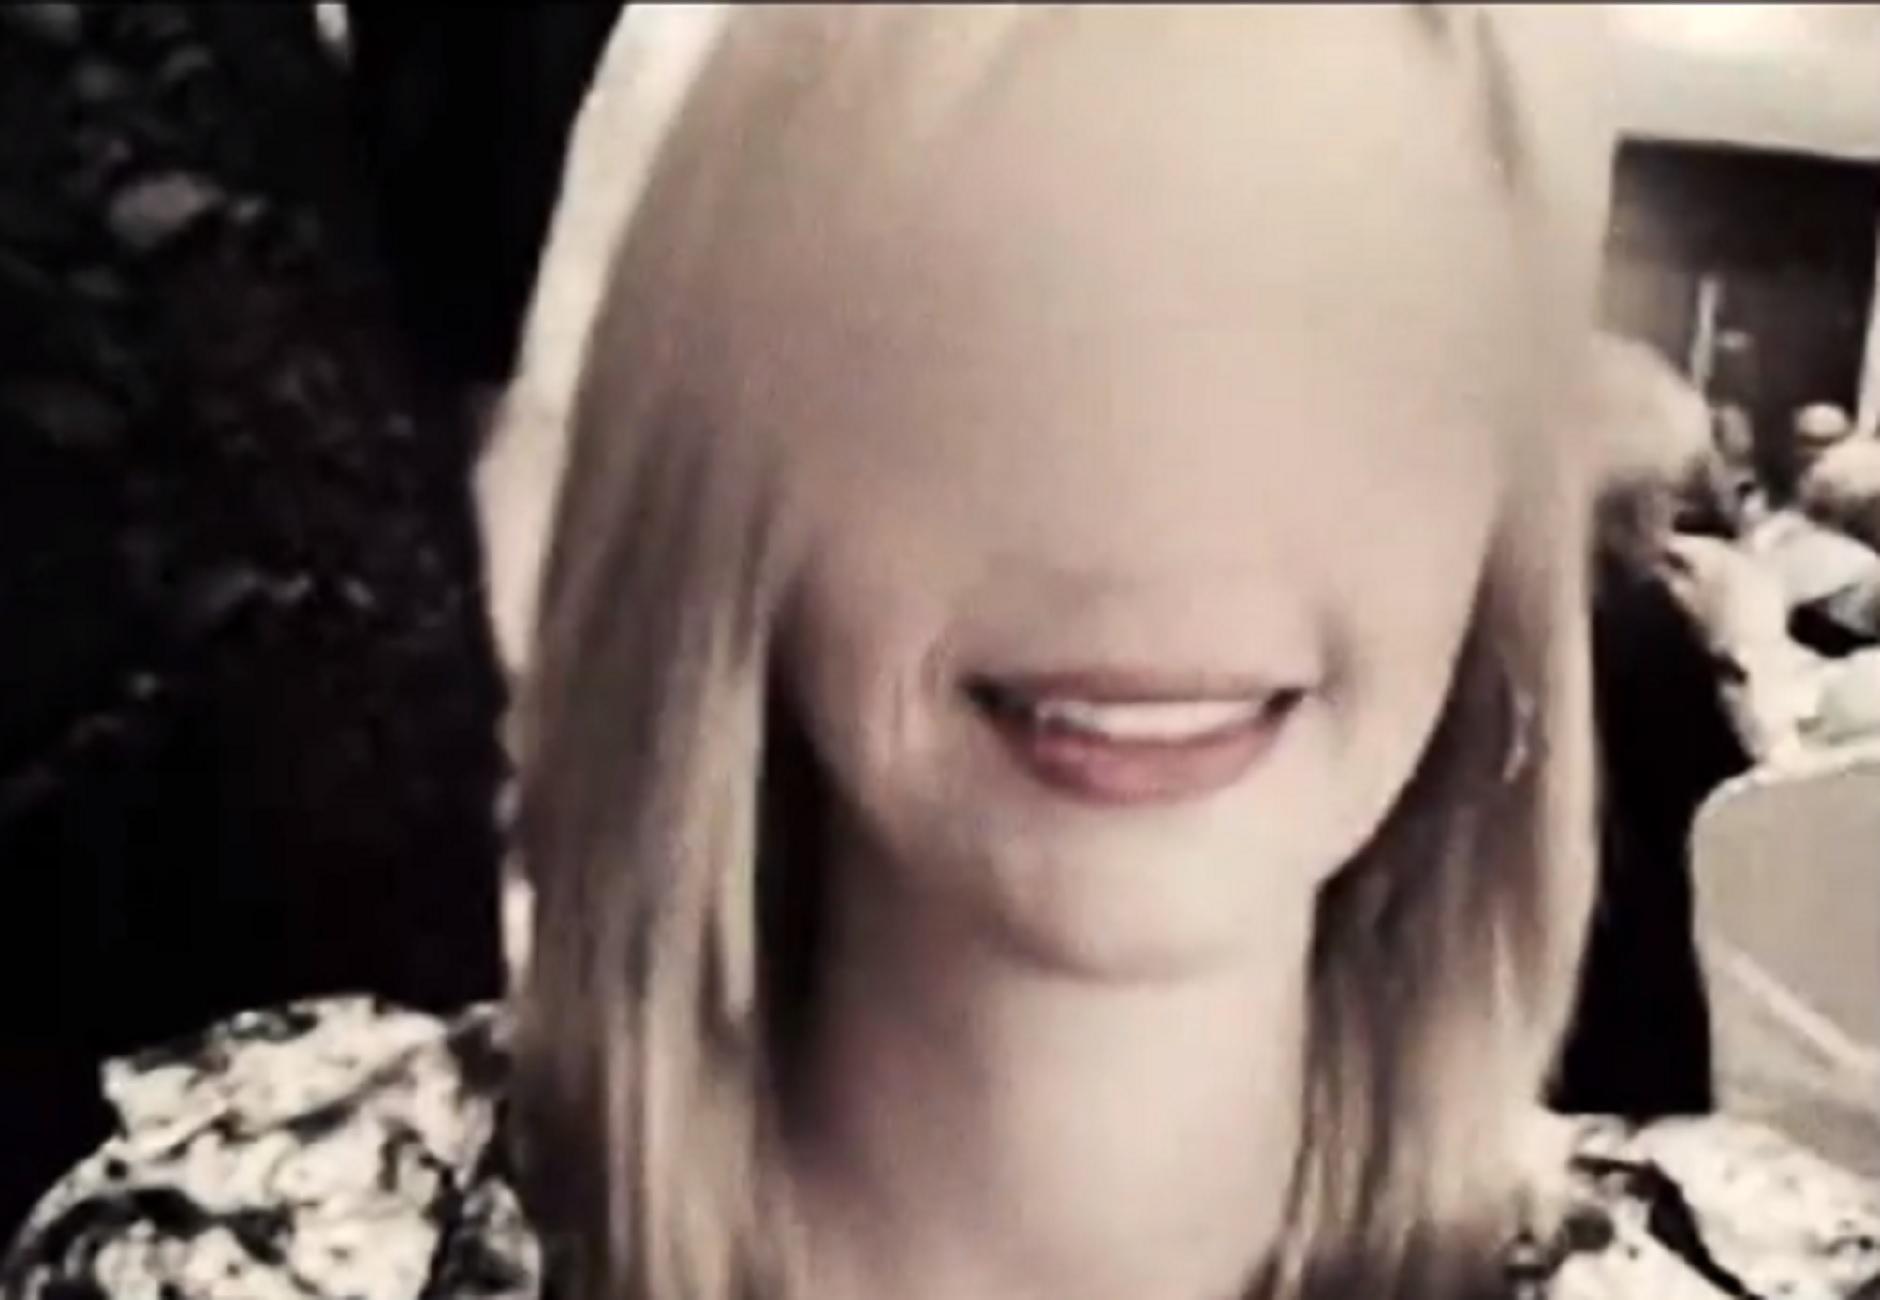 Ηράκλειο: Ένα λιμάνι δάκρυα για μάνα και κόρη που σκοτώθηκαν σε τροχαίο – Το τραγούδι που ραγίζει καρδιές (video)